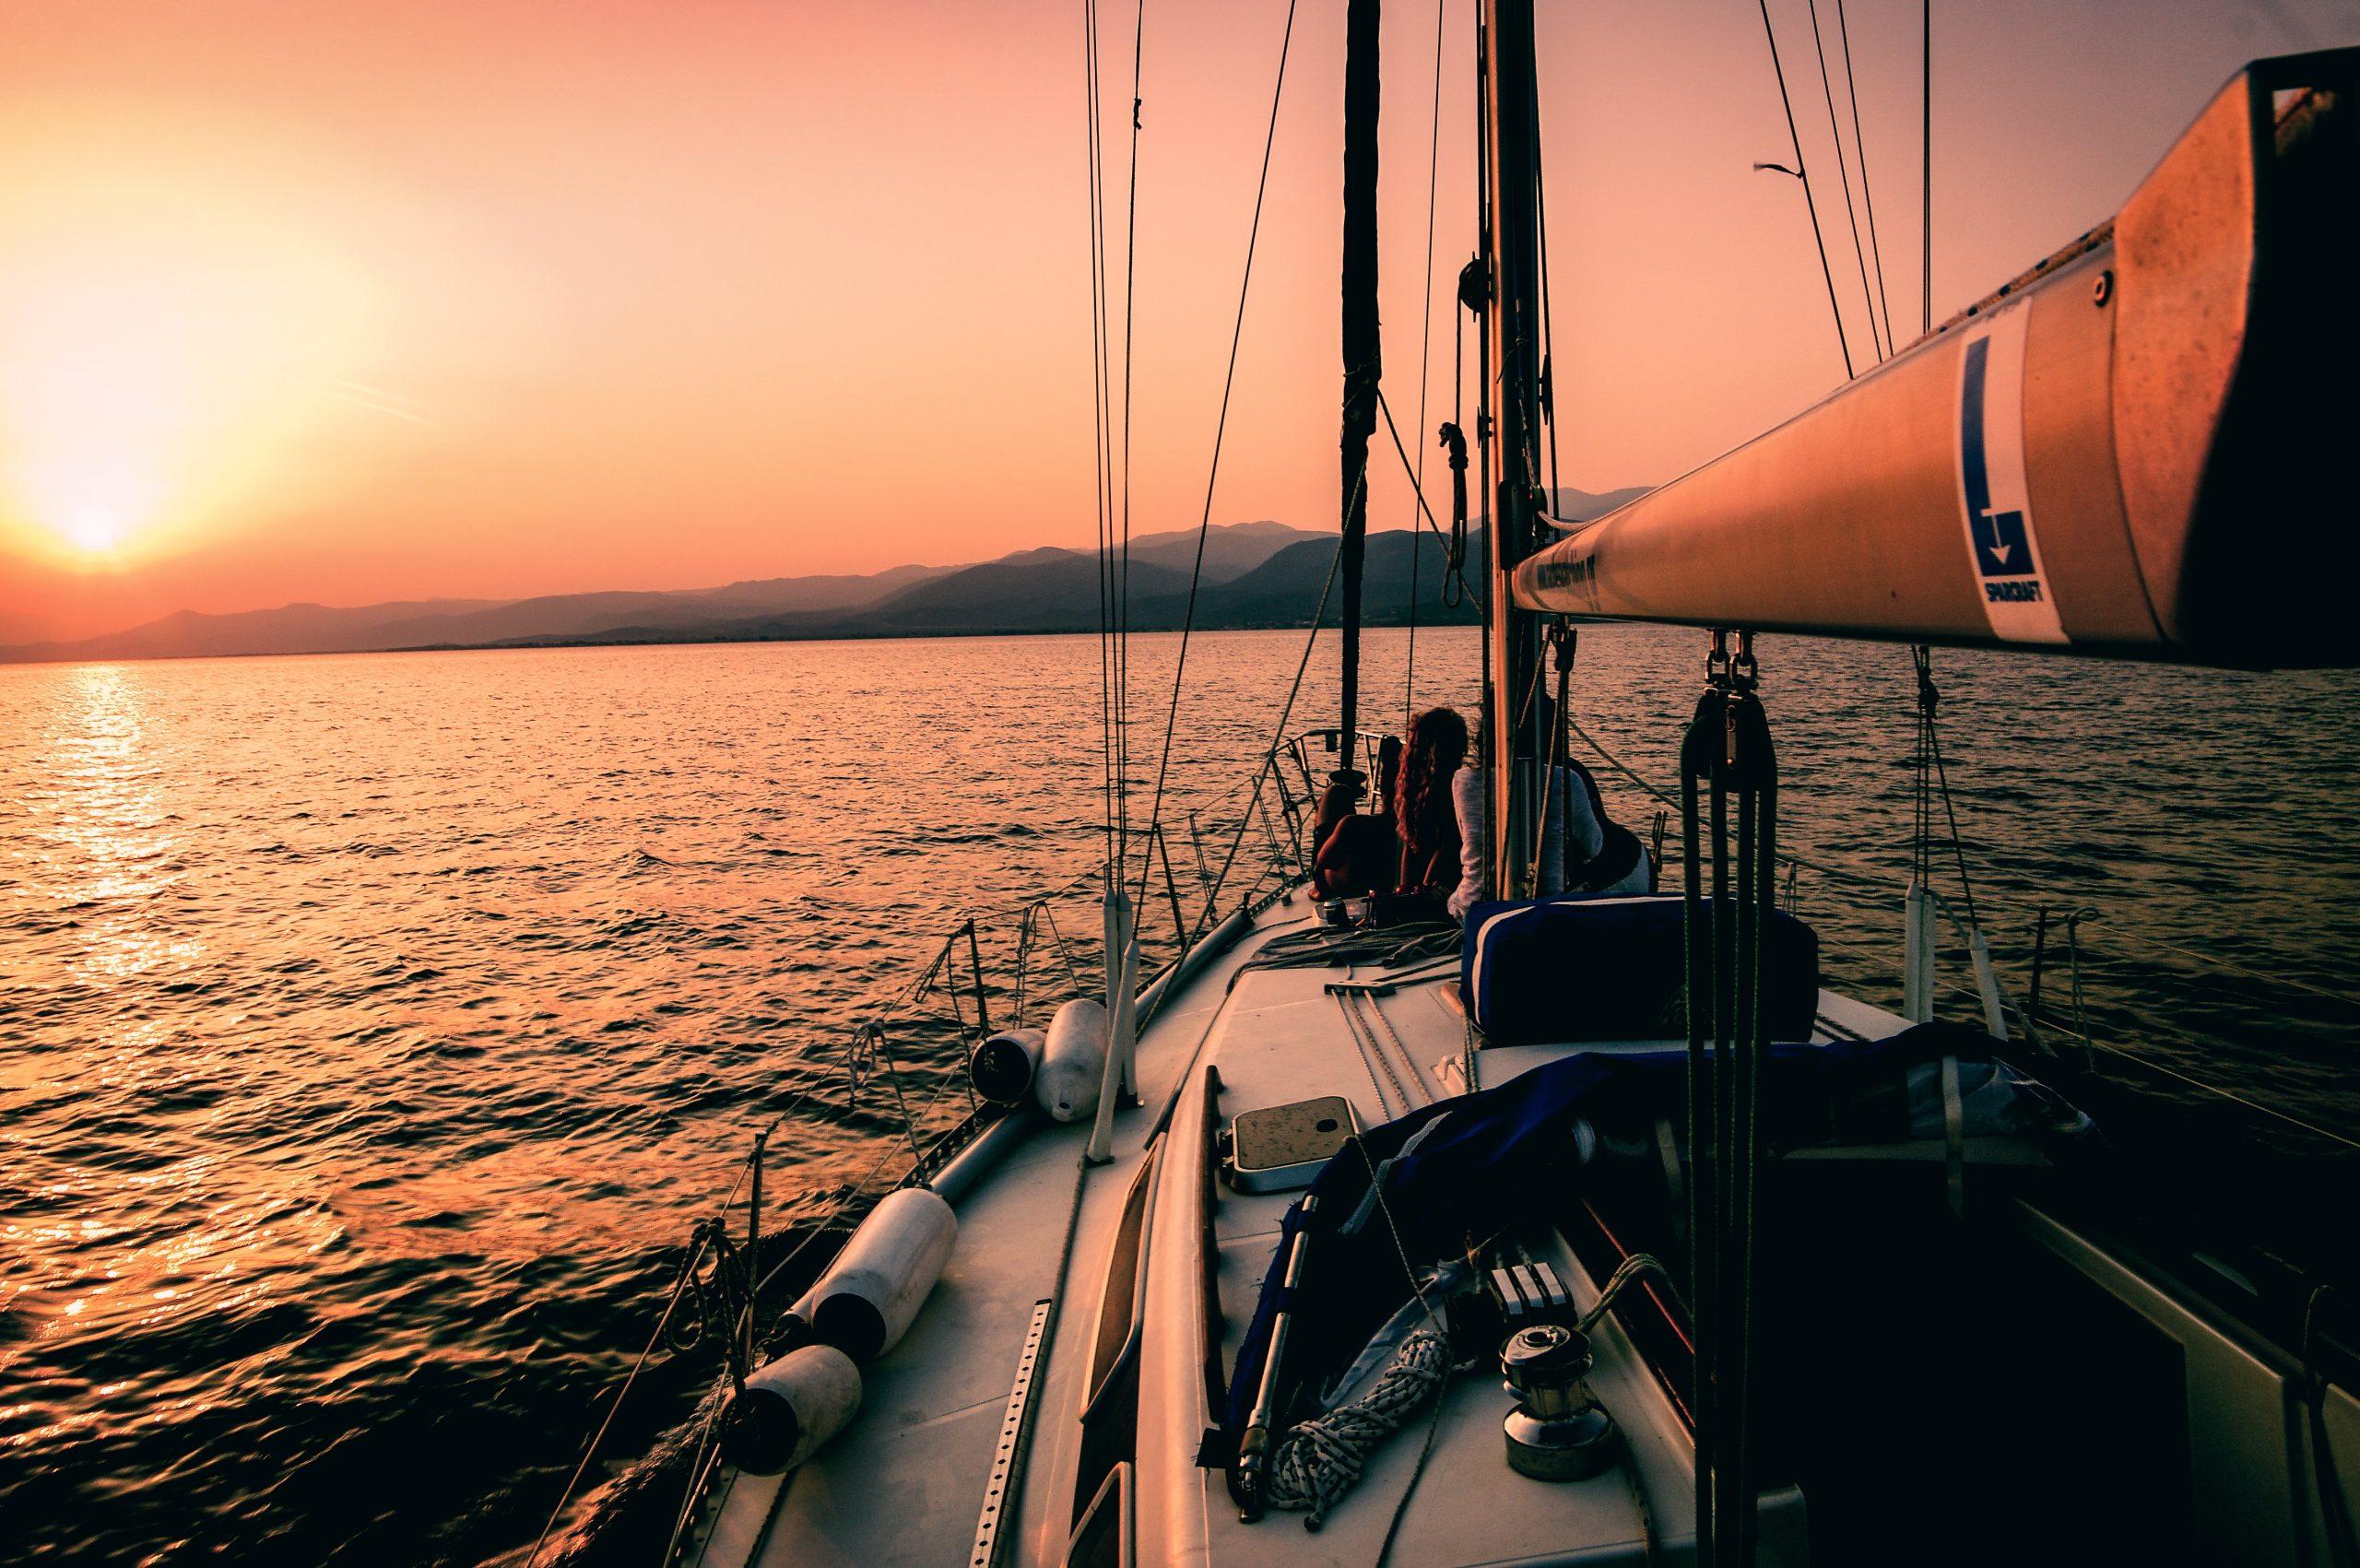 markos mant 0nKRq0IknHw unsplash scaled - Søger du bådudstyr?